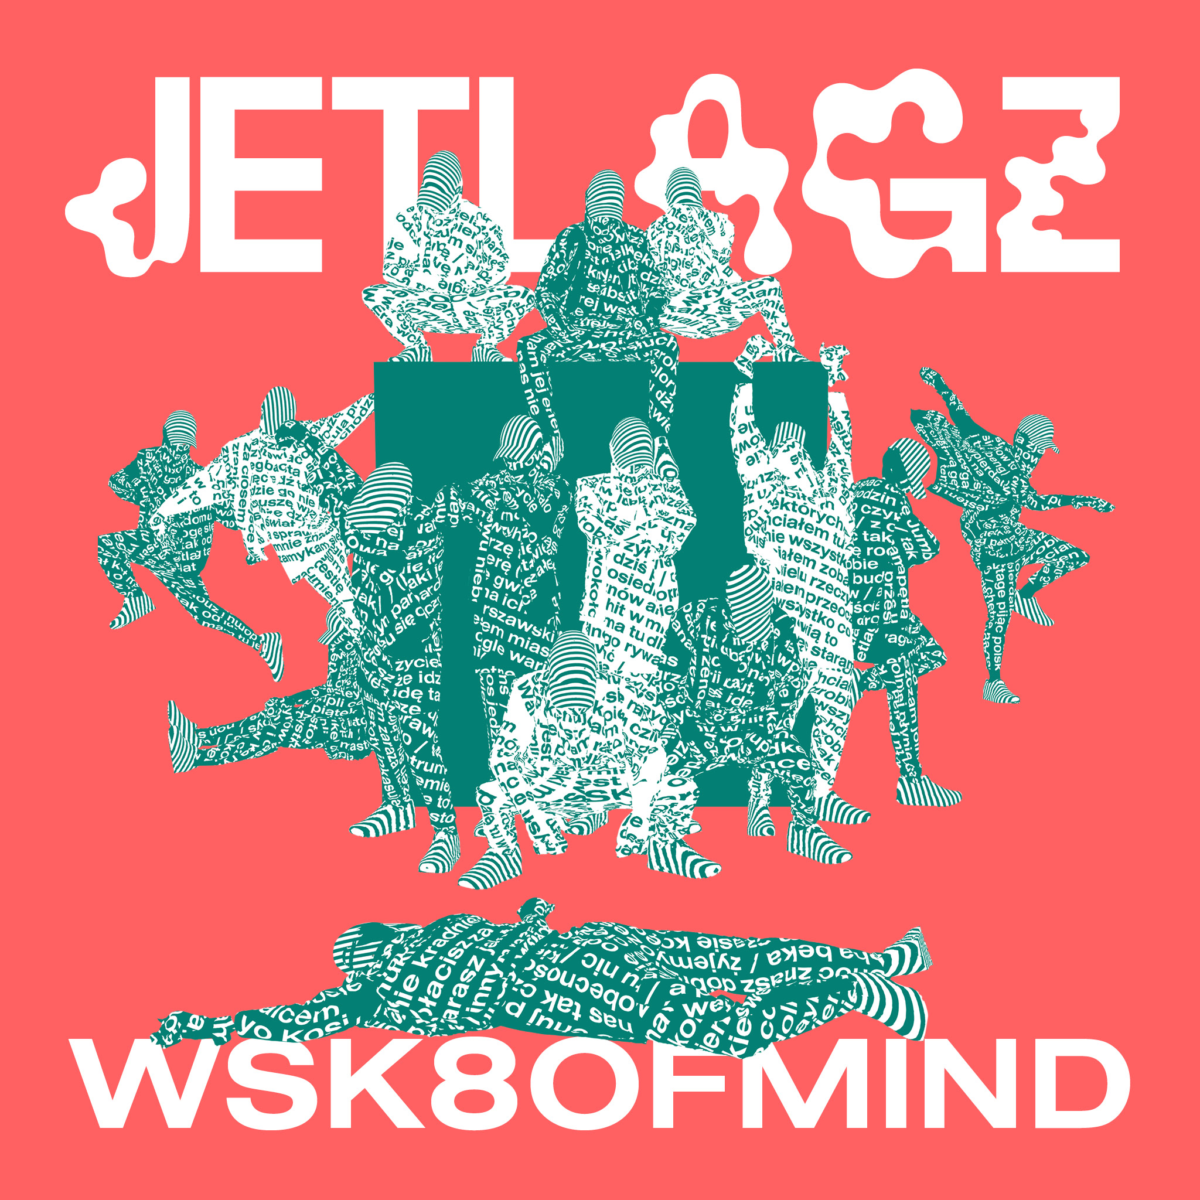 WSK8OFMND od Jetlagz dziś ma swoją premierę!